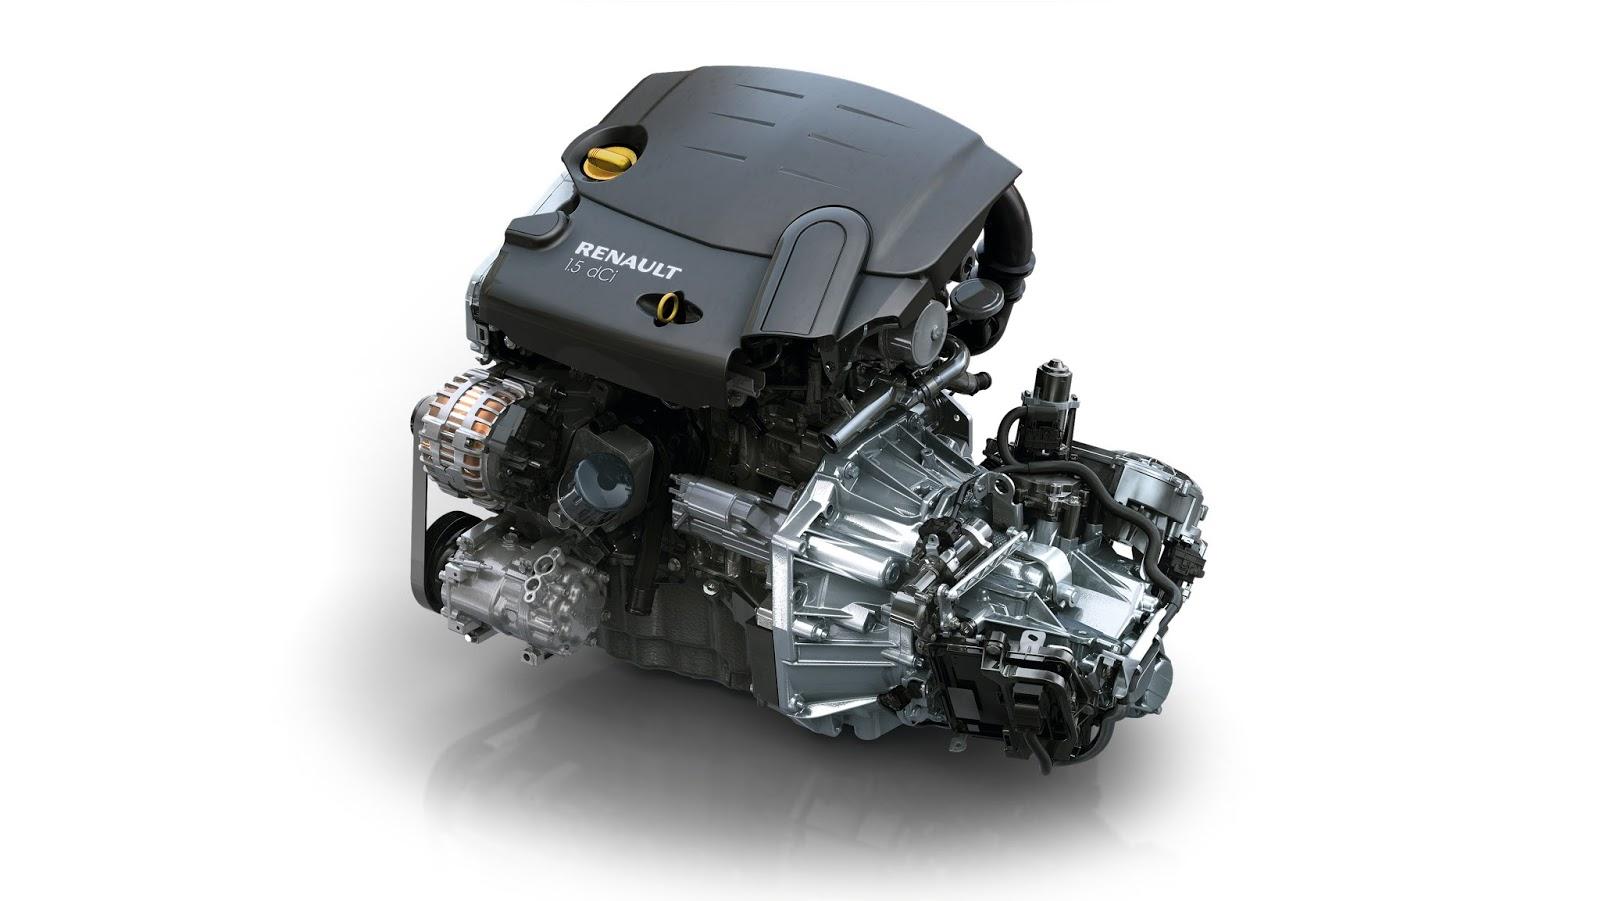 00099606 Η Renault παρήγαγε 3,3 εκ. κινητήρες το 2015! Alpine, Engine, Renault